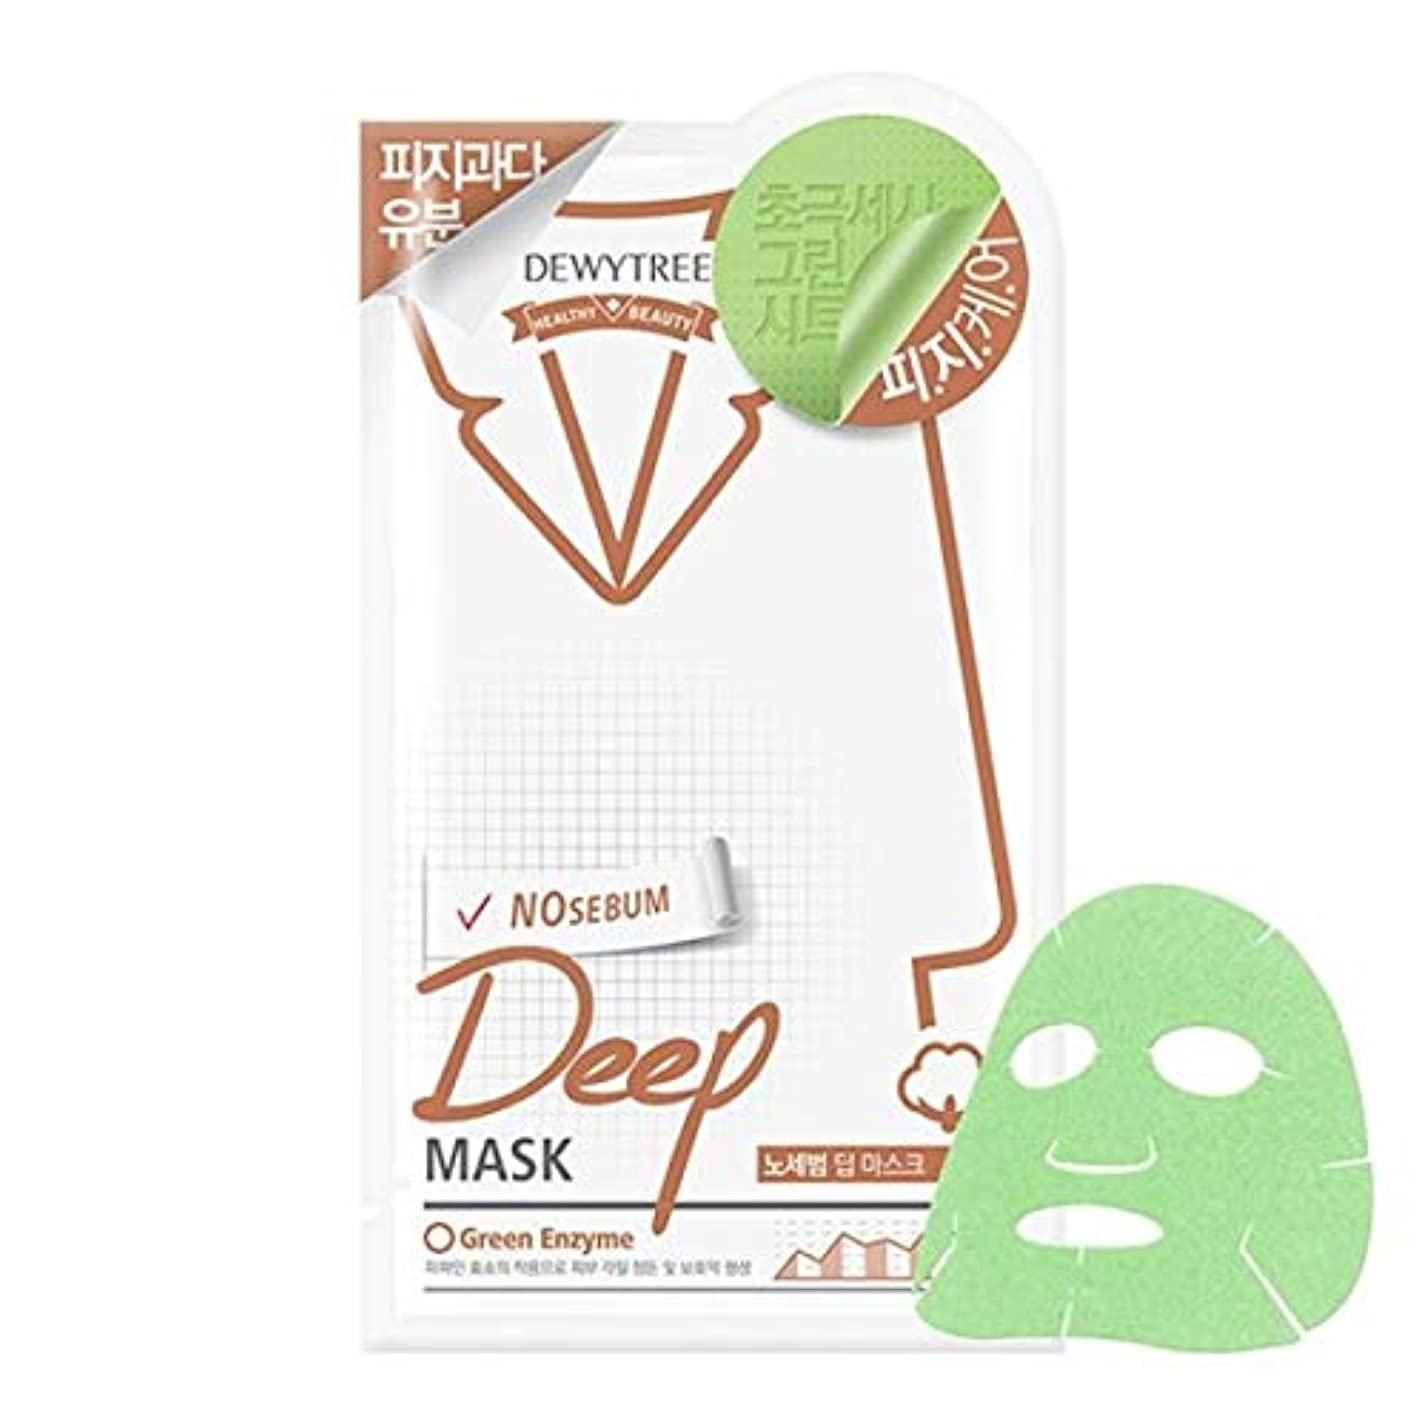 ダース控えめな感度(デューイトゥリー) DEWYTREE ノセボムディープマスク 20枚 Nosebum Deep Mask 韓国マスクパック (並行輸入品)